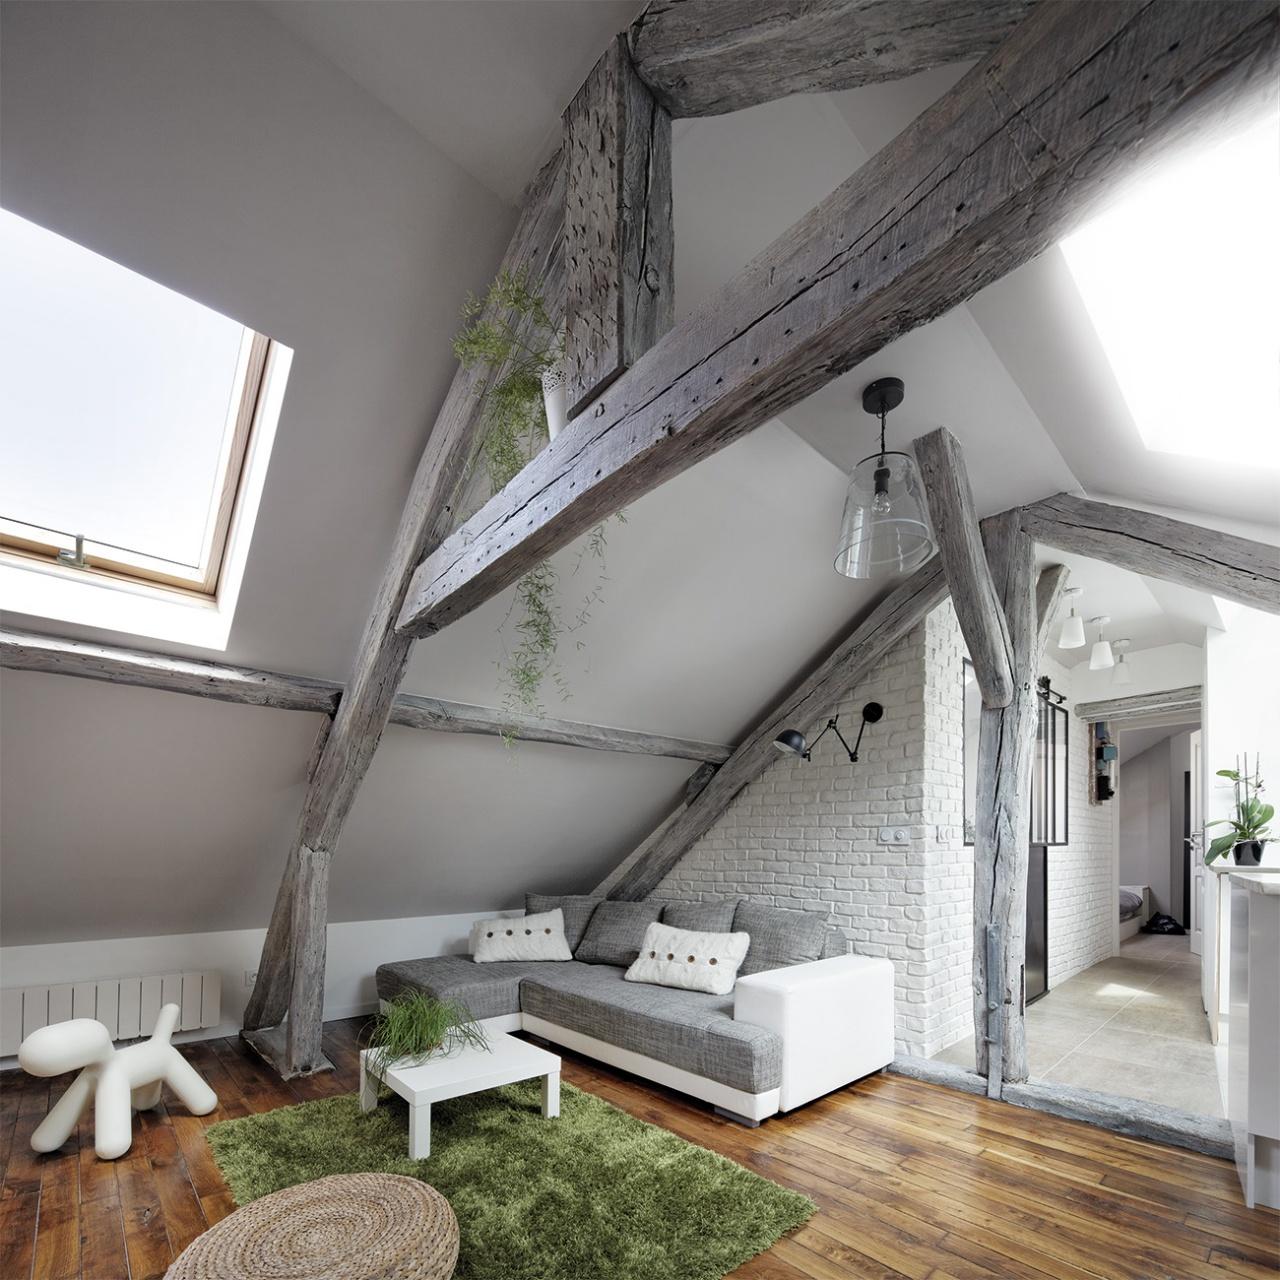 Attic Living Room interiors in the attic - living room - fakro